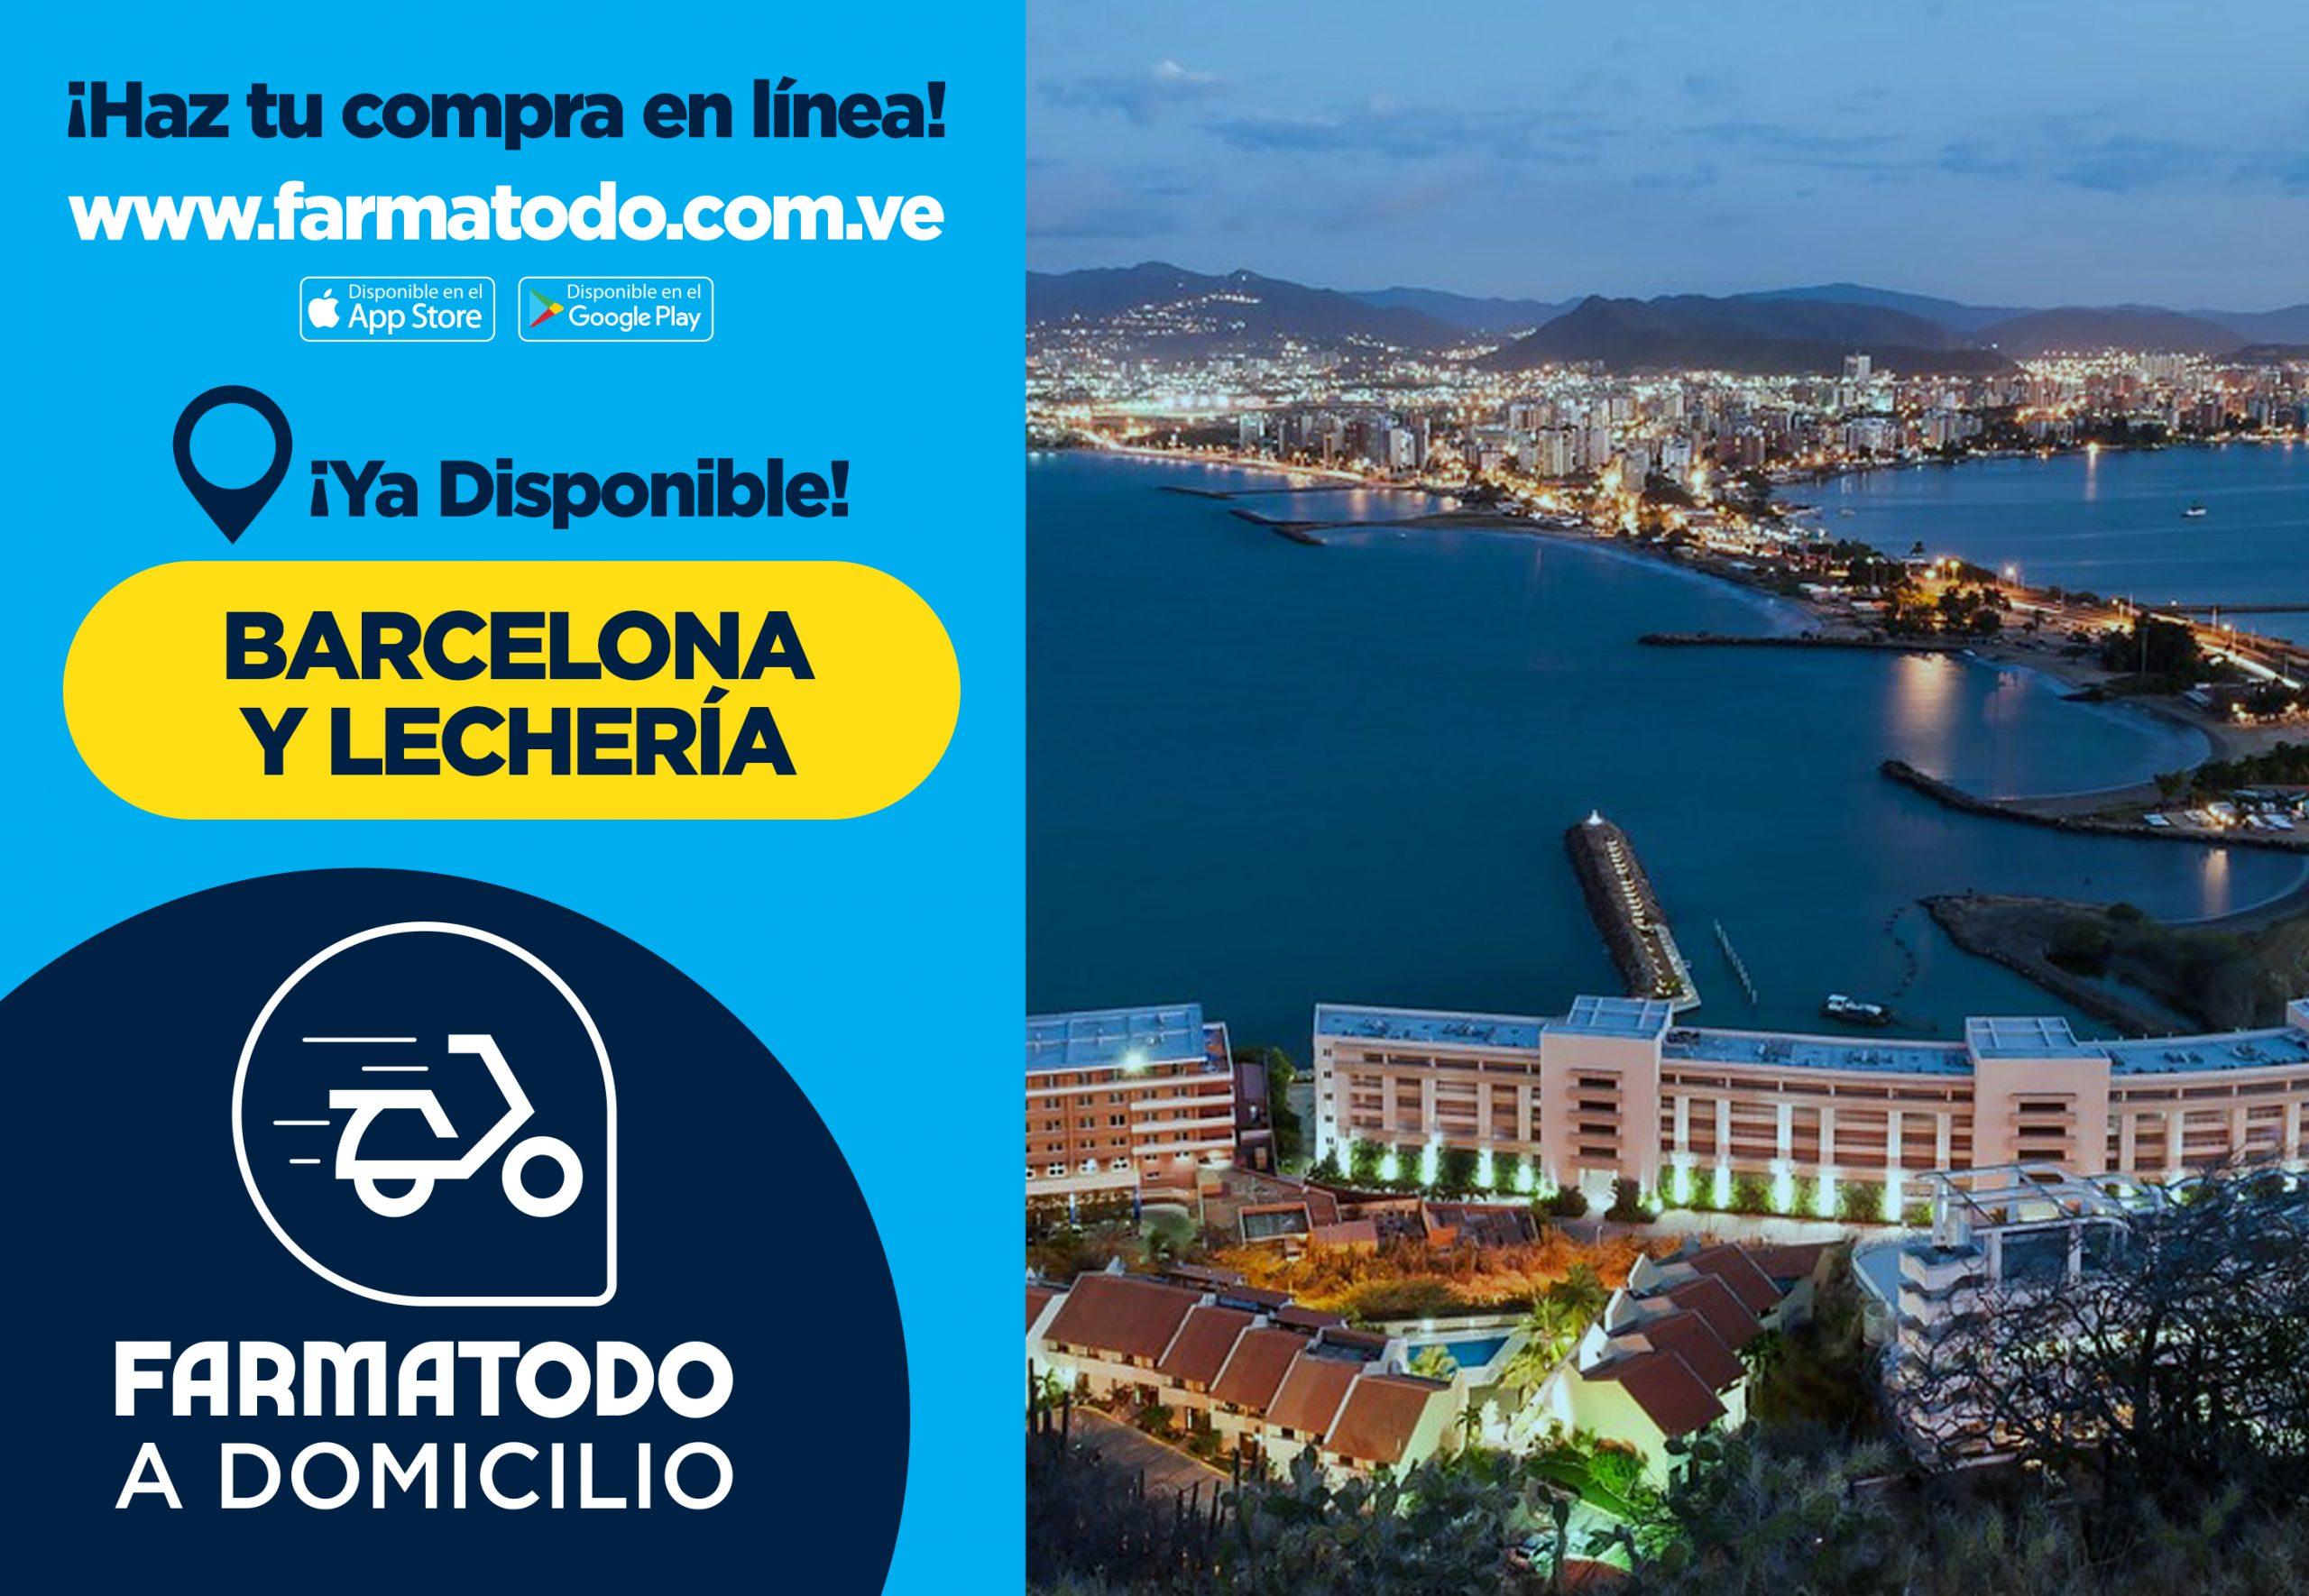 Farmatodo extiende su servicio Delivery a Barcelona y  Lechería